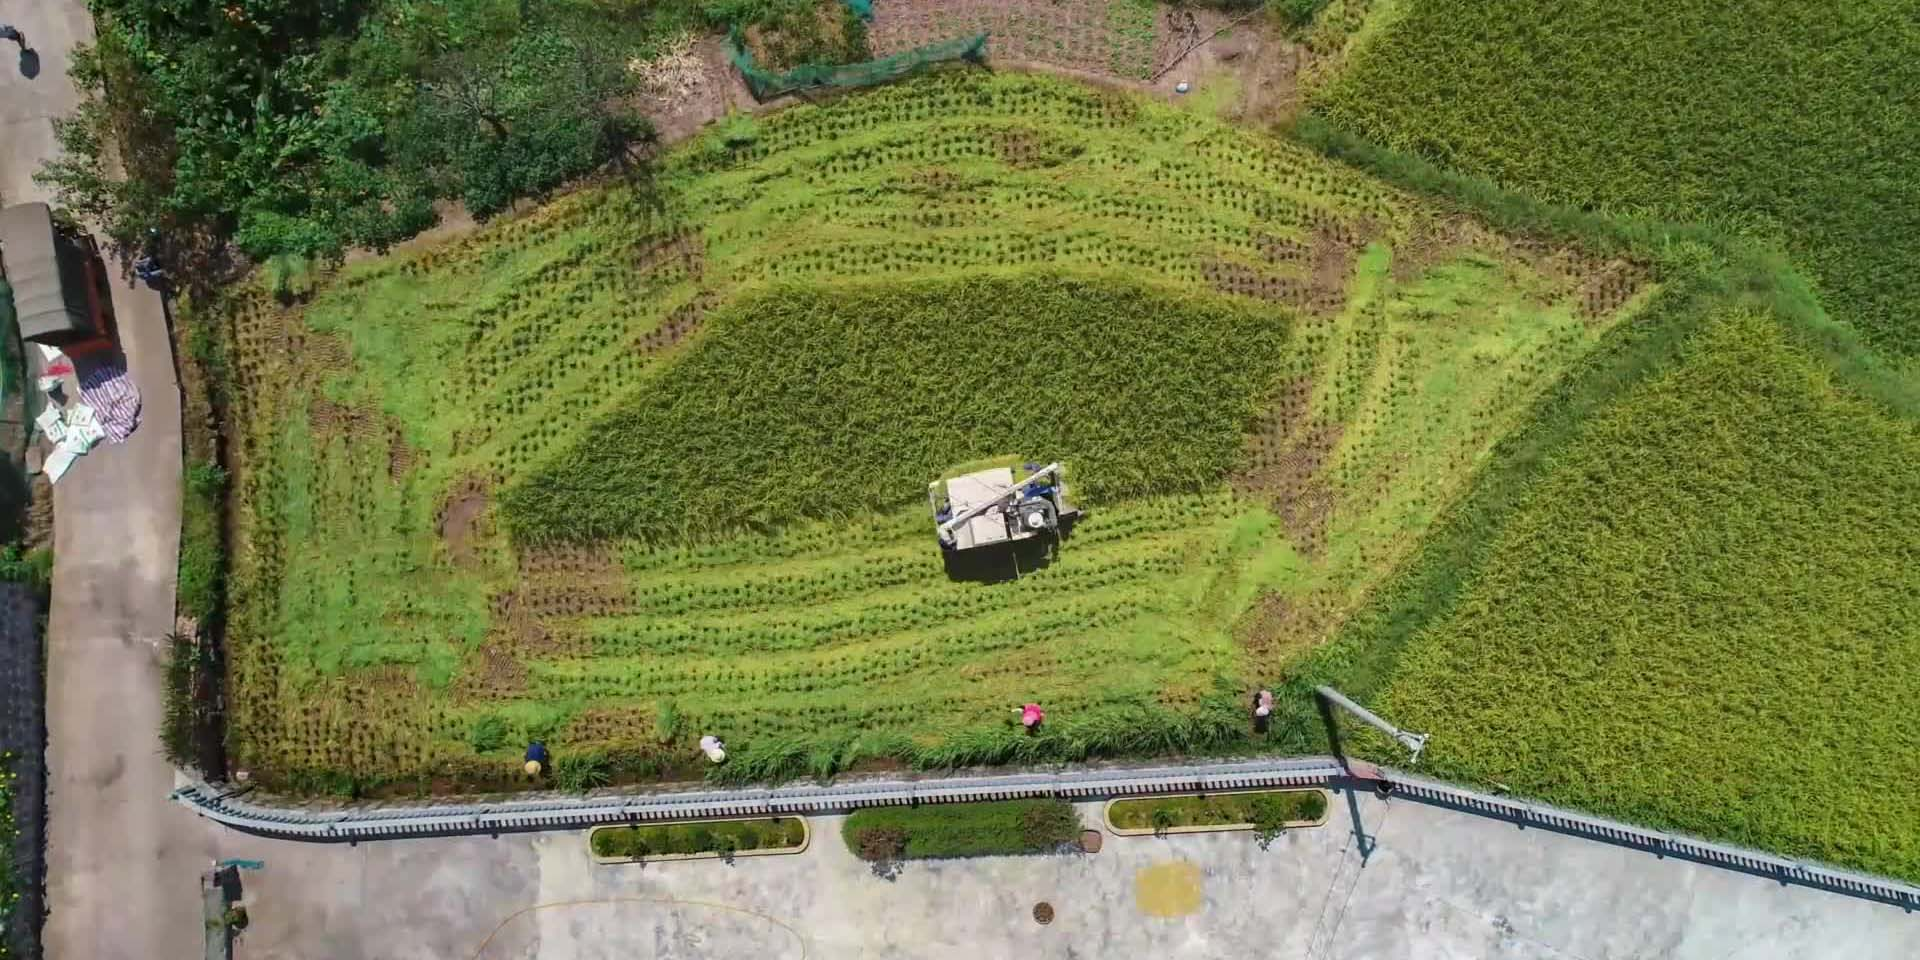 Arroz colhido por maquinário em Hunan, China